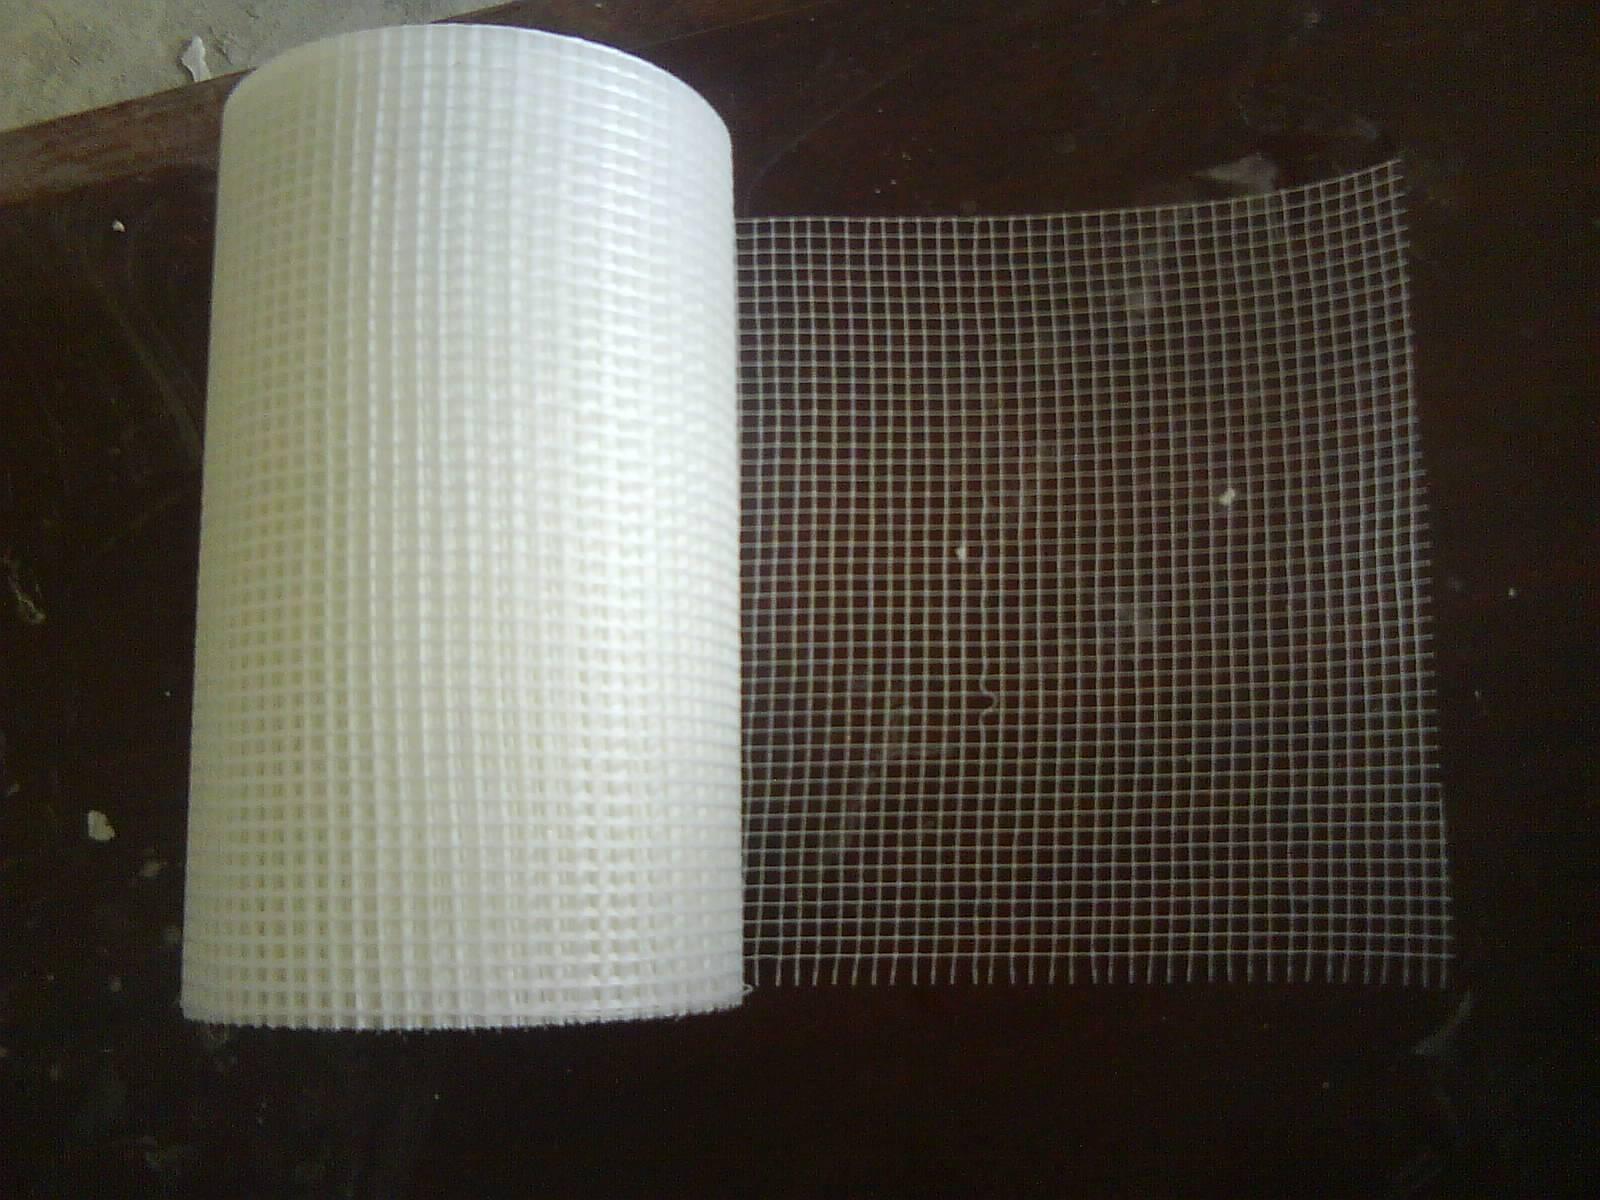 Сетка под шпаклевку — виды материалов и особенности их использования - интерьер